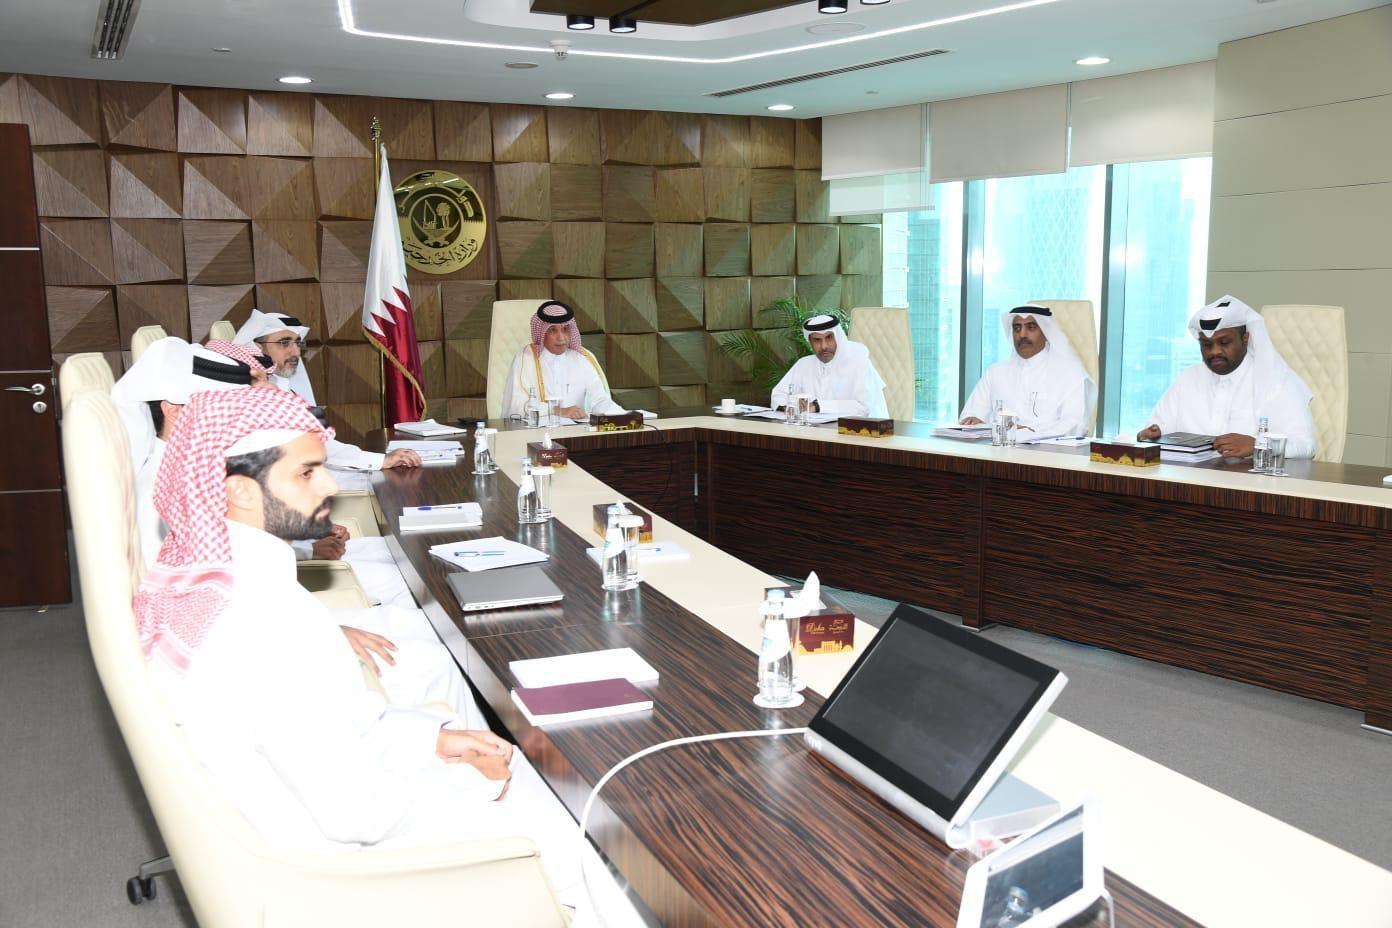 دولة قطر تشارك في الاجتماع التحضيري للدورة الـ 41 للمجلس الأعلى لمجلس التعاون الخليجي